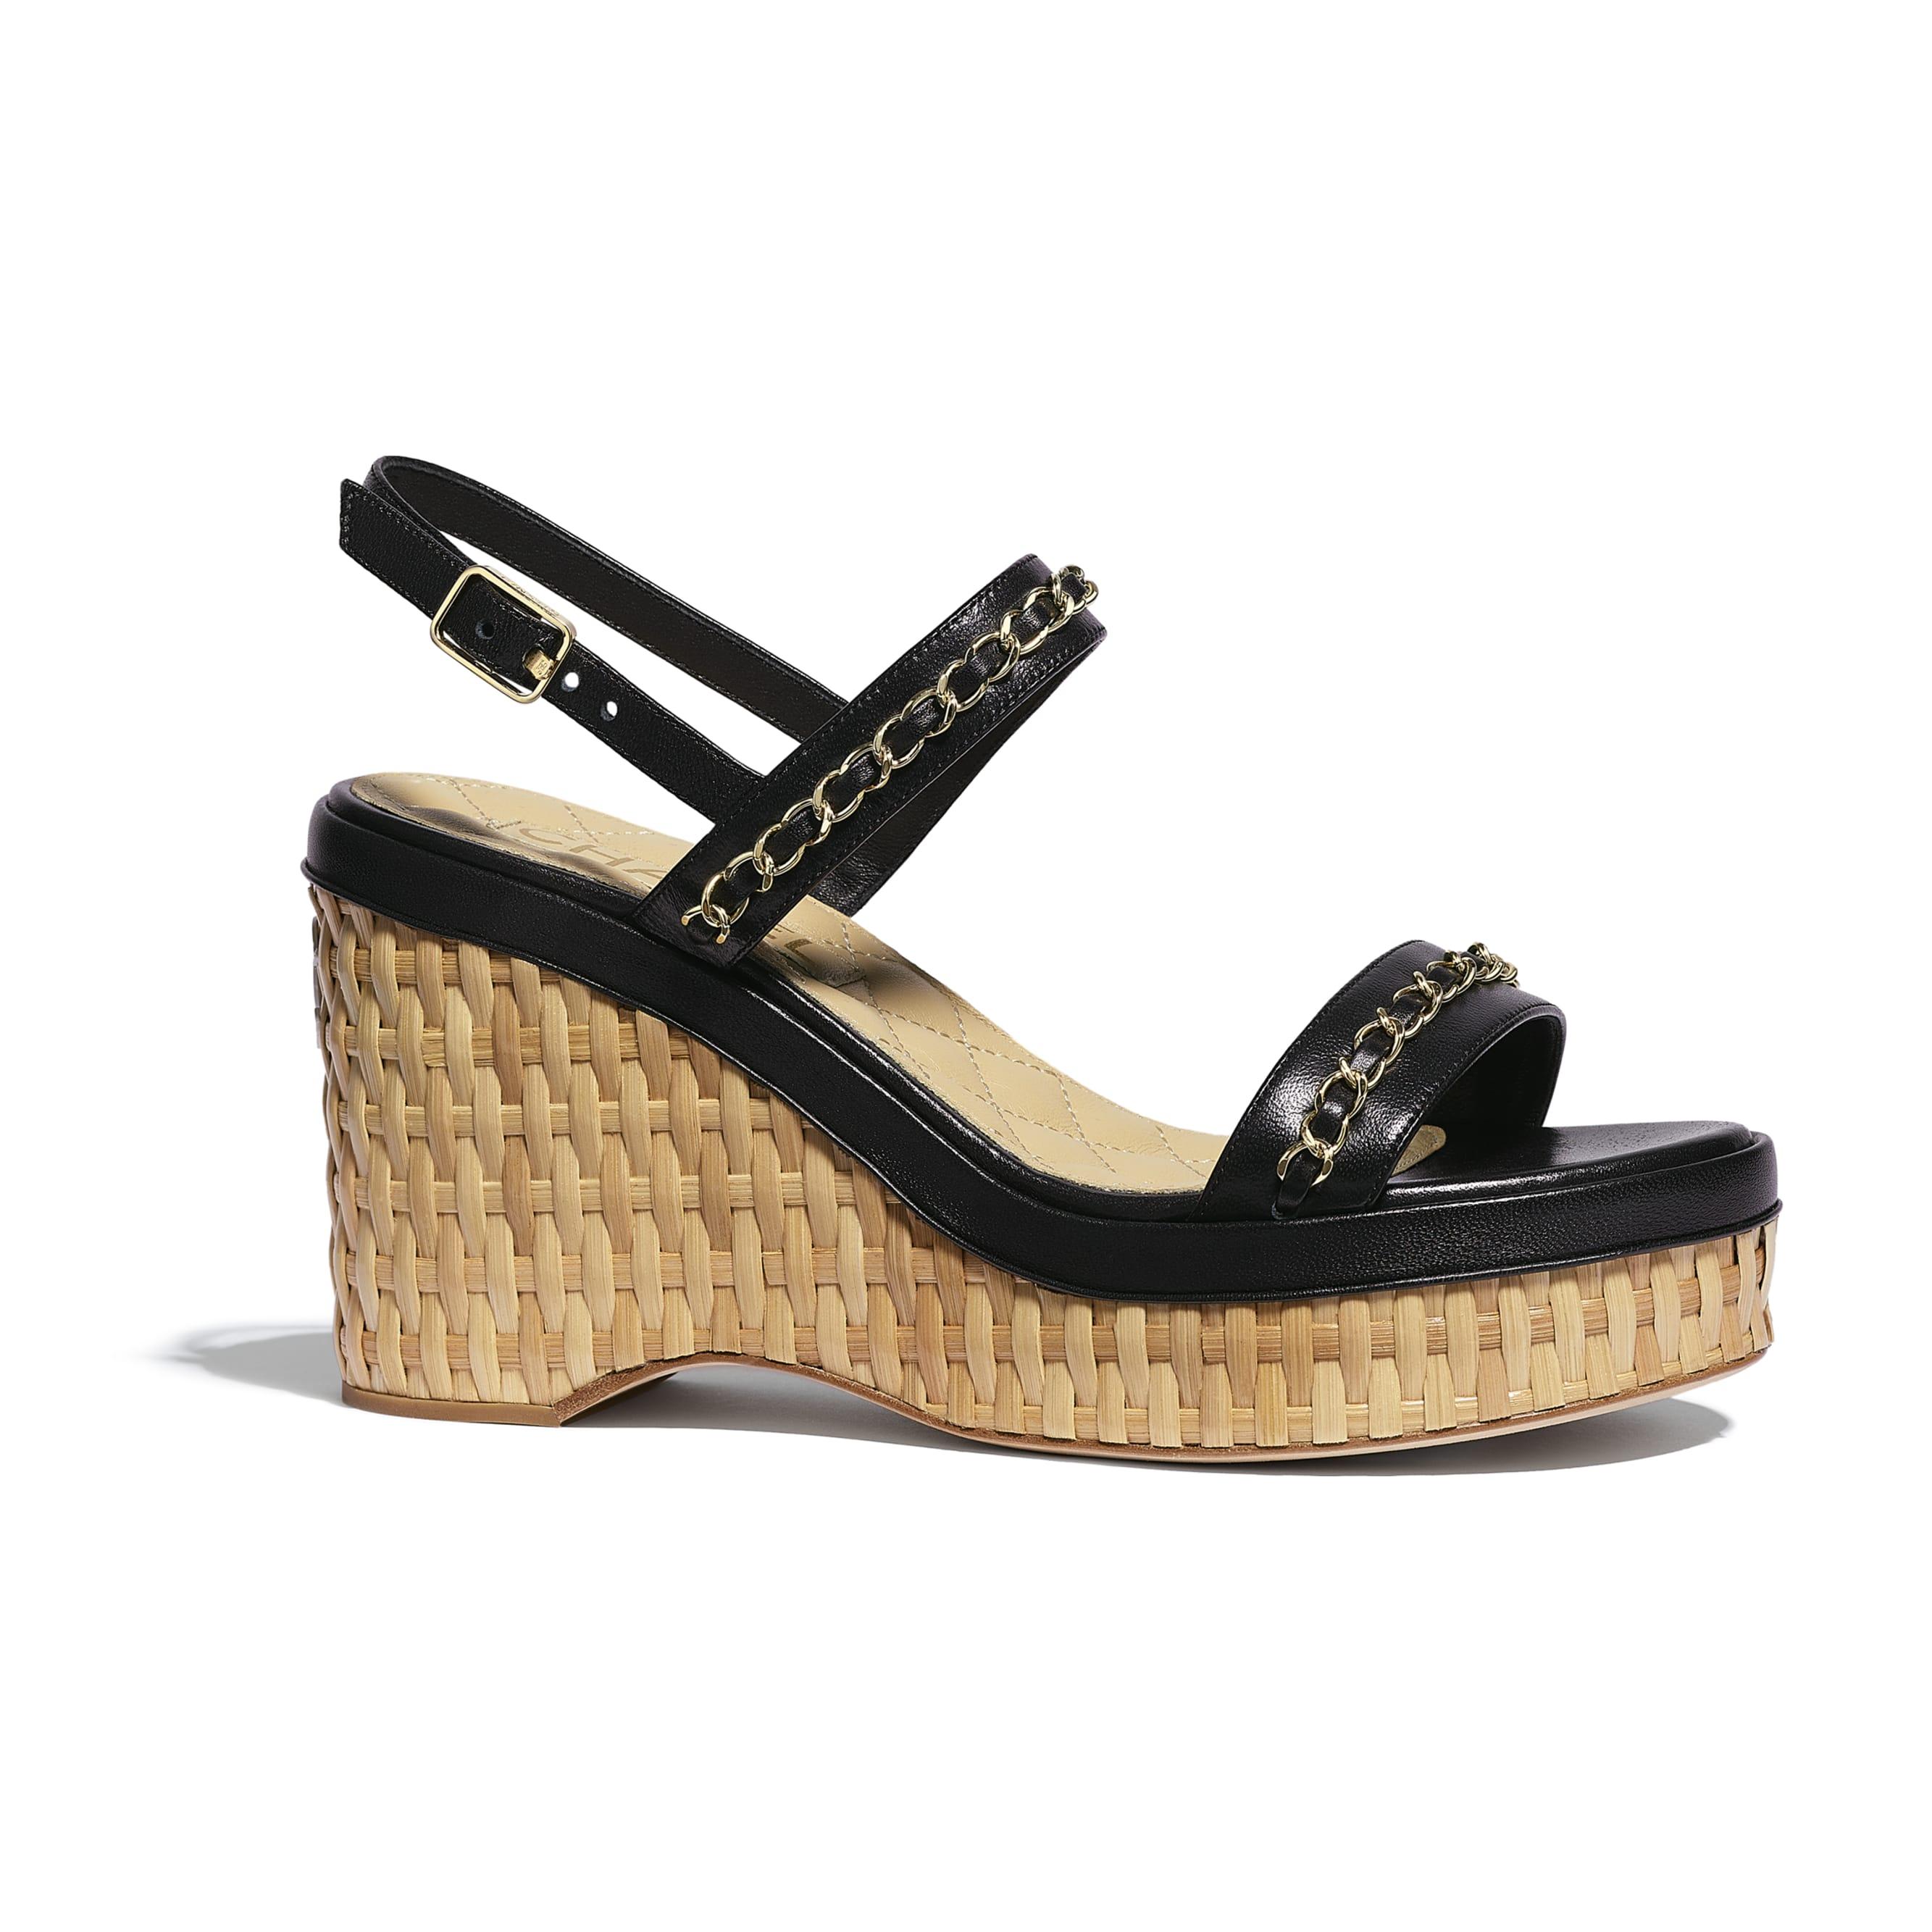 涼鞋 - 黑 - 小羊皮 - 預設視圖 - 查看標準尺寸版本